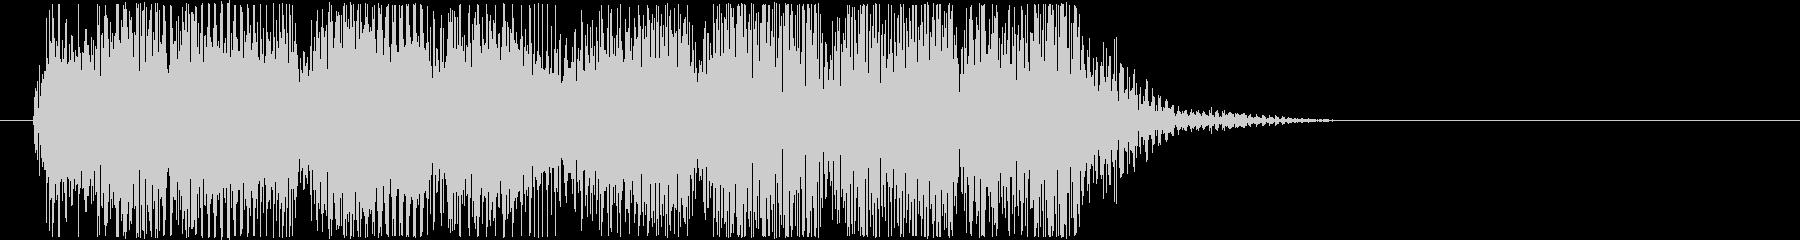 クールなレトロなゲームオーバーBGMの未再生の波形